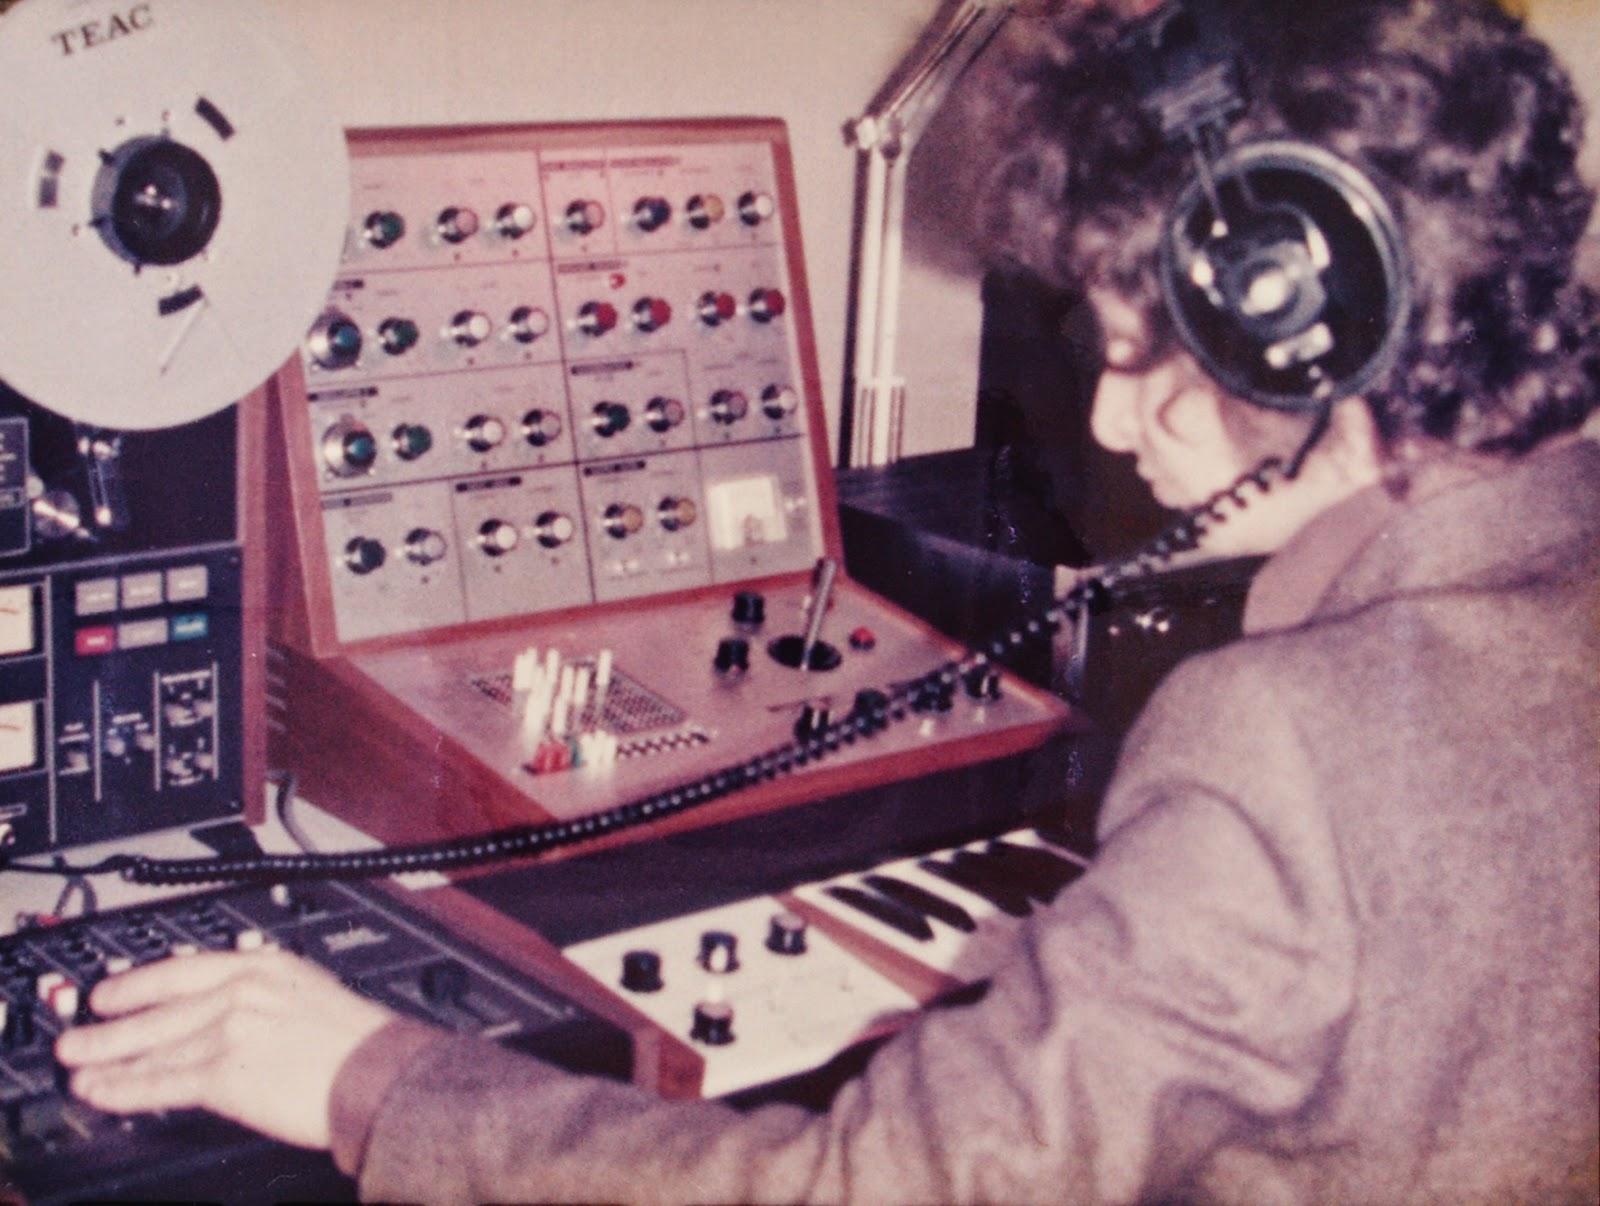 Zanov en pleno proceso creativo con el EMS VCS3, el teclado EMS DK2, el magnetófono TEAC A-3340S y el TEAC 2 Audio Mixer en su estudio de Plaisir en marzo de 1976 al inicio de la grabación del álbum Green Ray